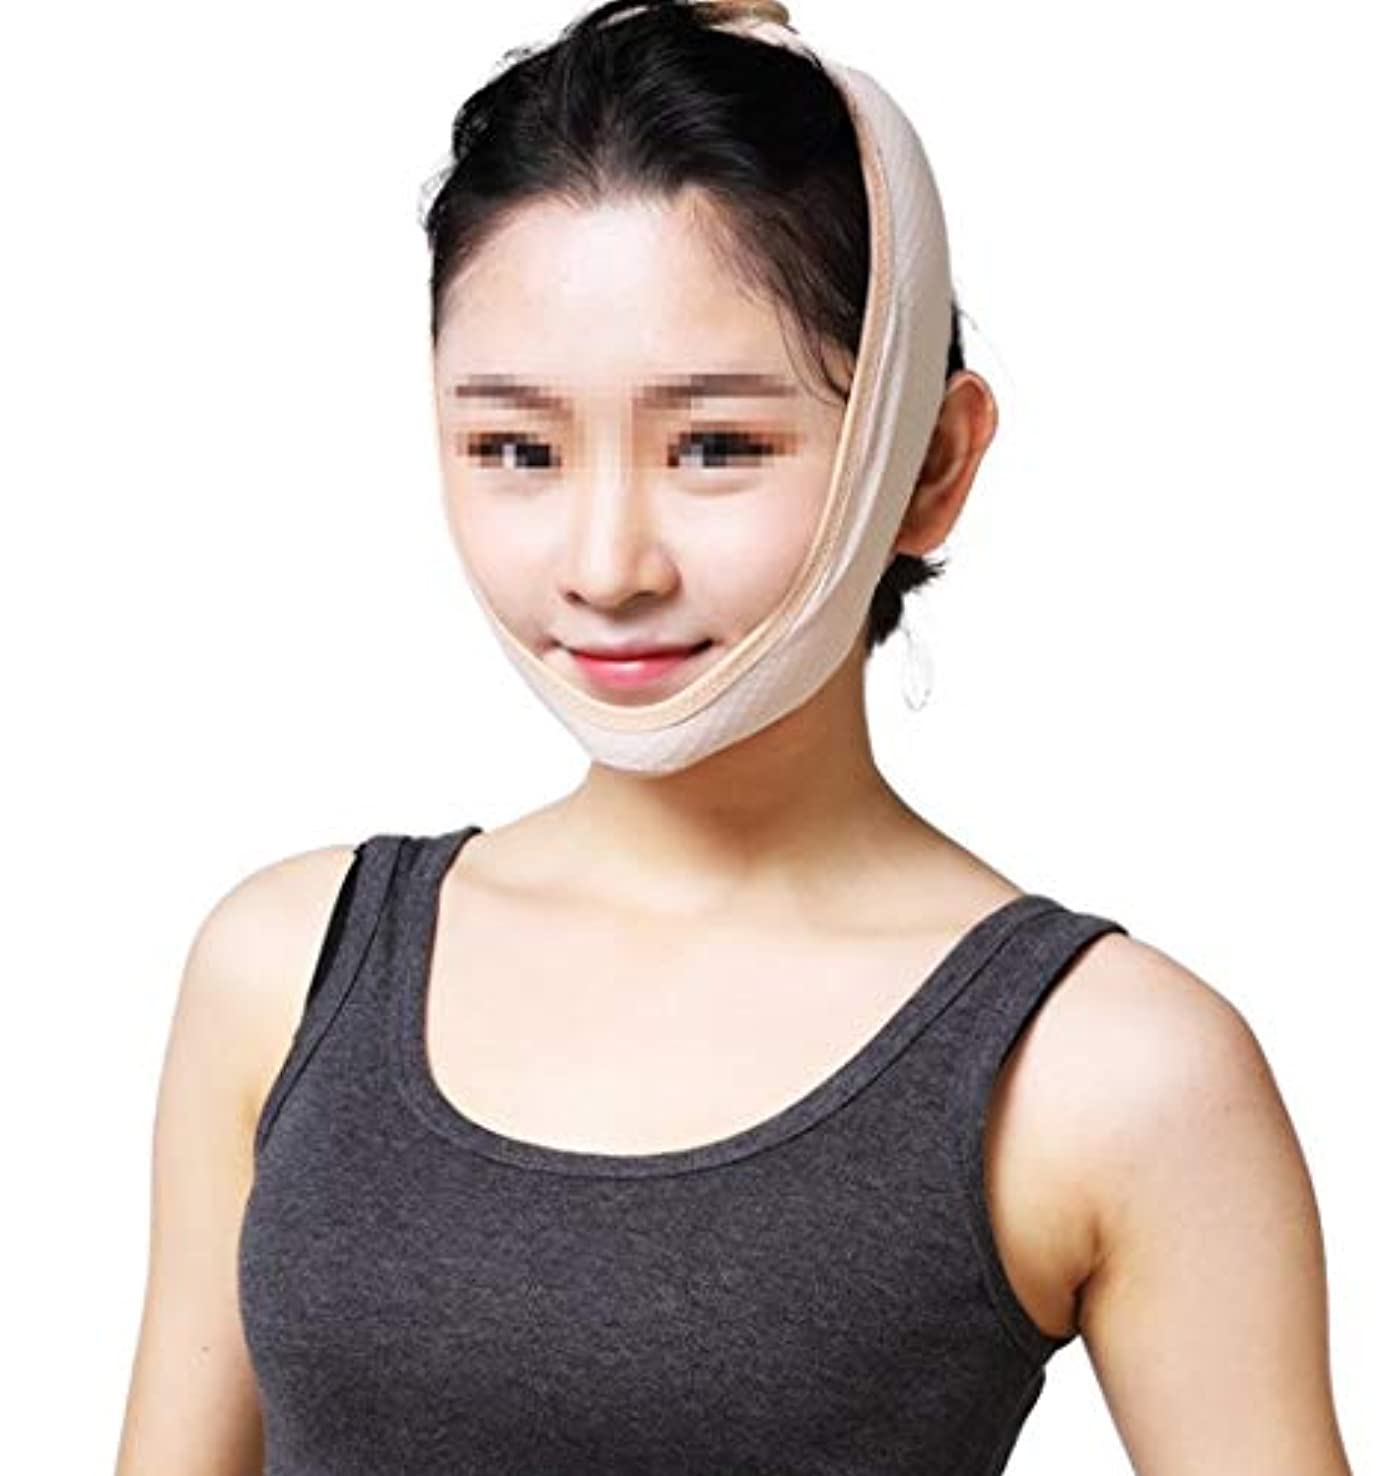 攻撃的博覧会心から顔を持ち上げる包帯、口を開けて眠るのを防ぐための女性の通気性いびきベルトいびきアーチファクト抗あご転位矯正包帯いびき装置